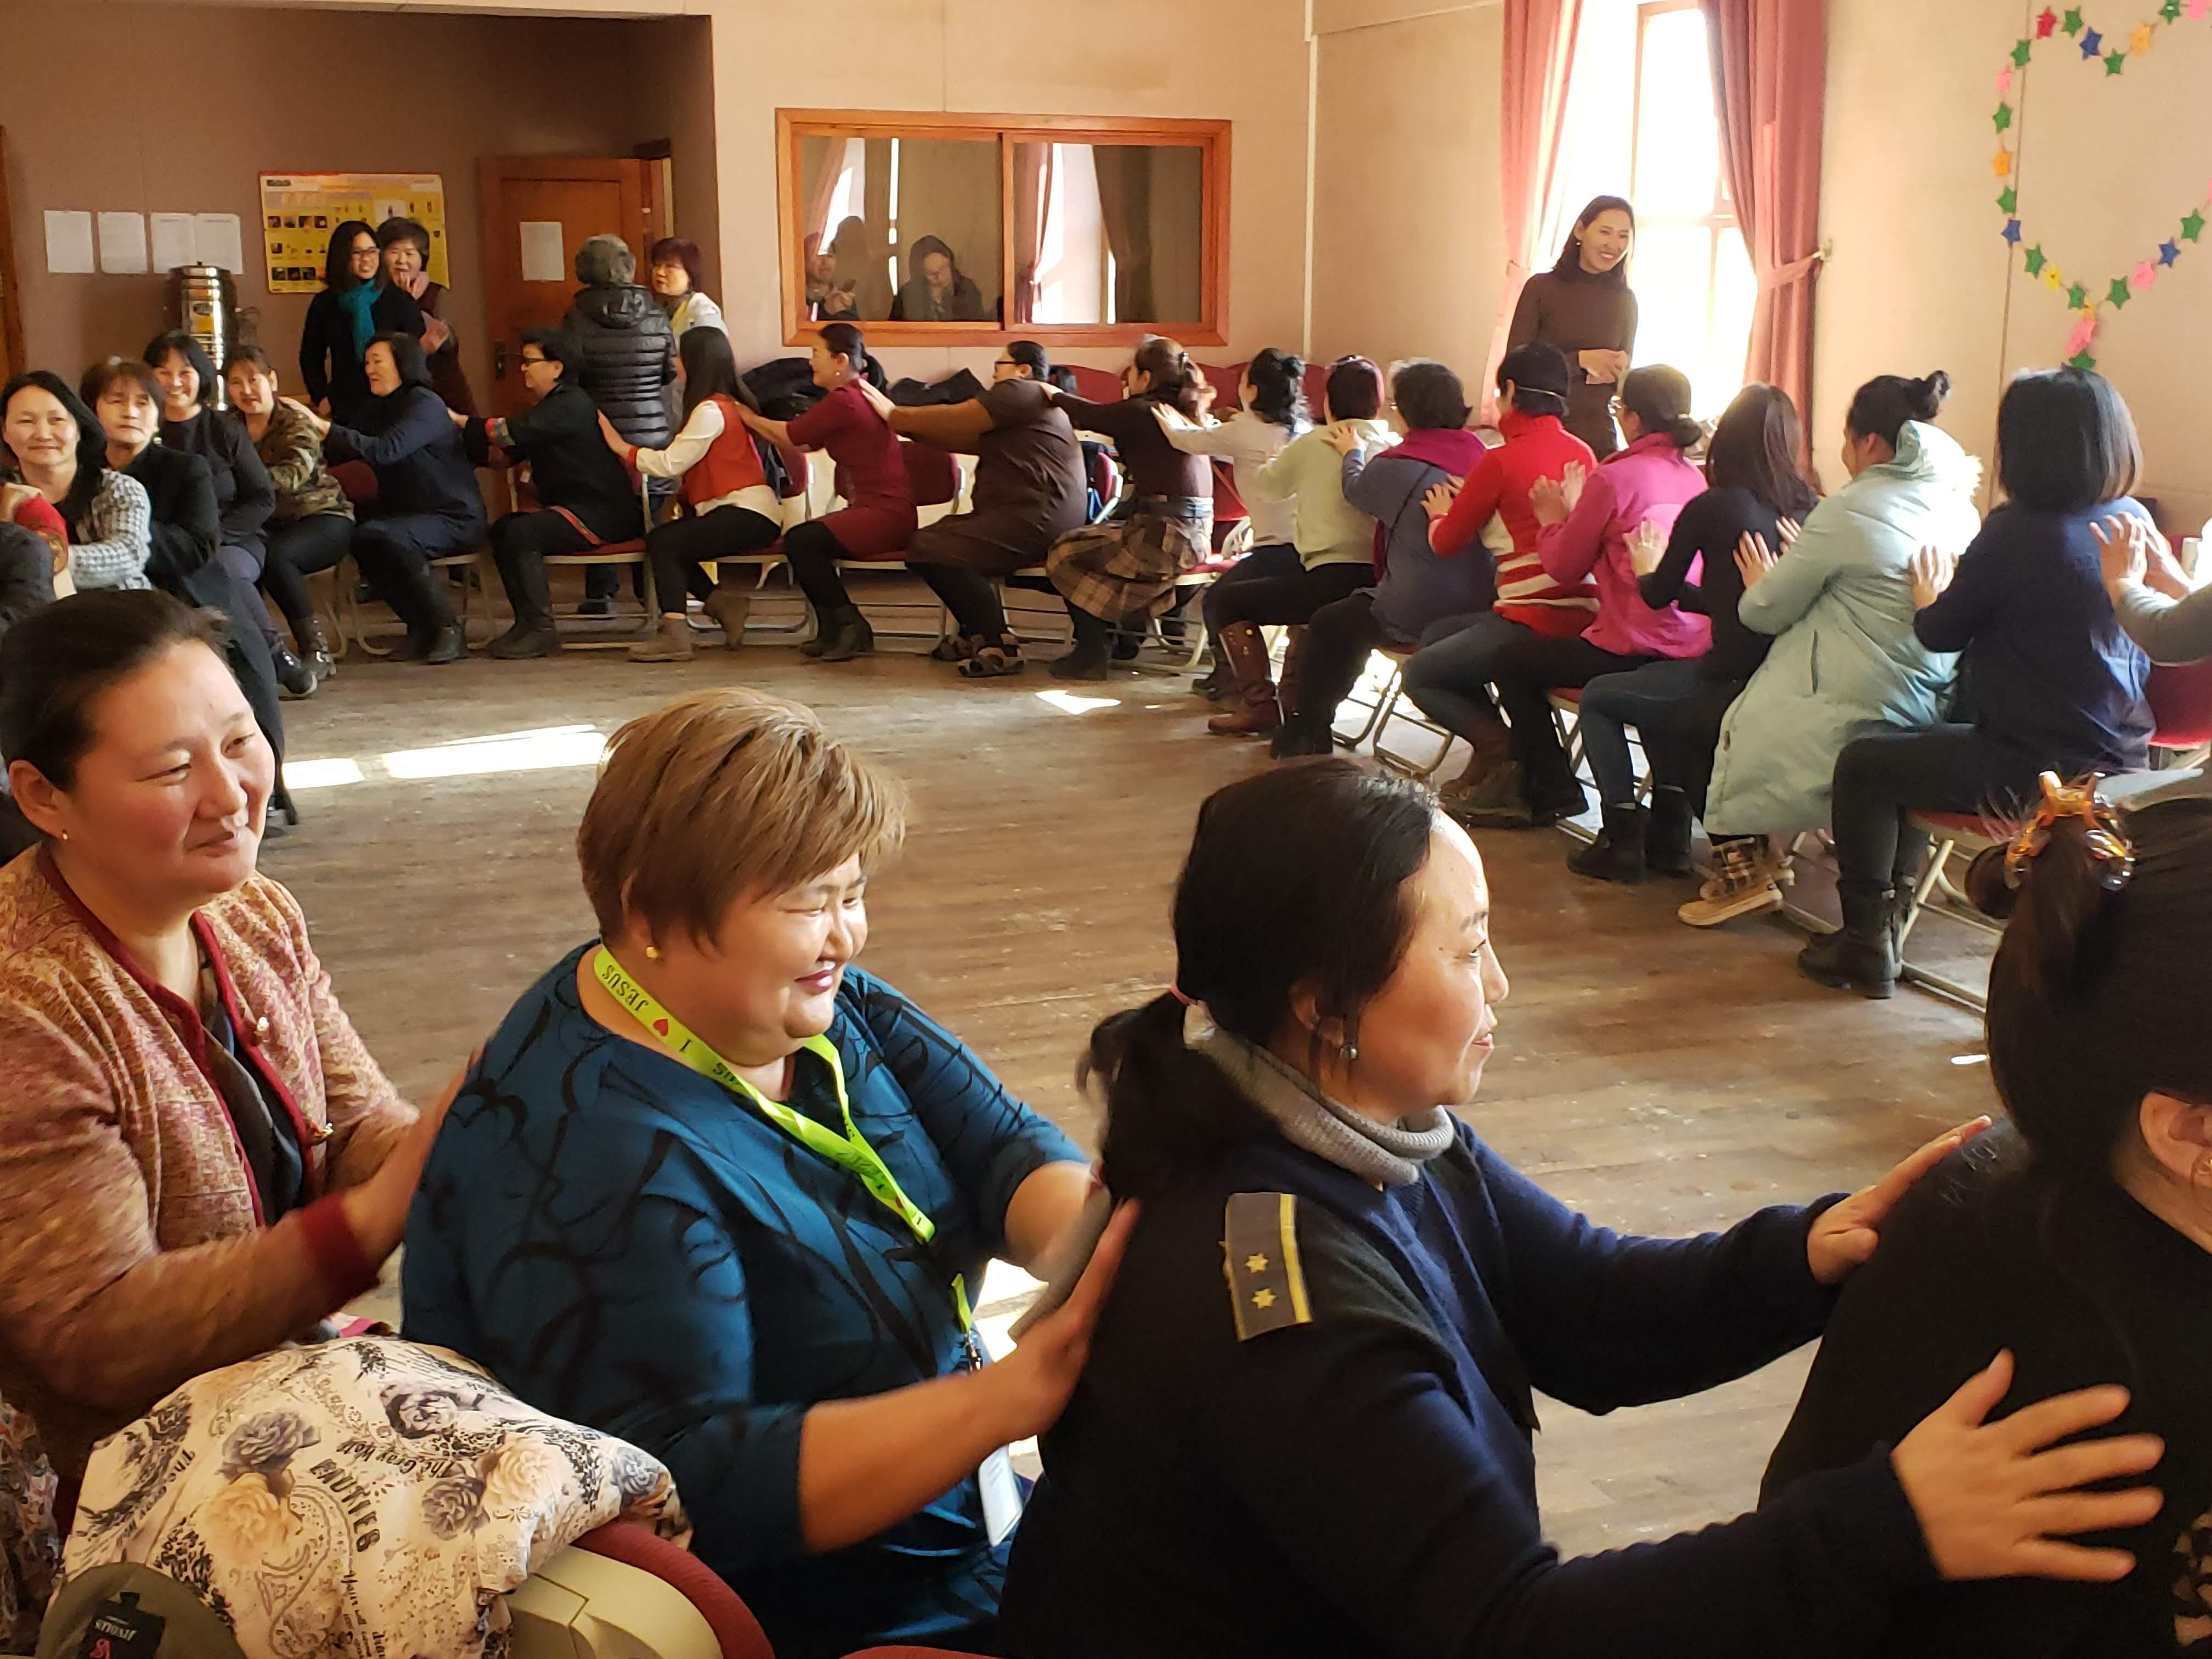 몽골기독여성훈련 중 레크리에이션의 모습. 사진 제공, 한인여선교회 전국연합회.